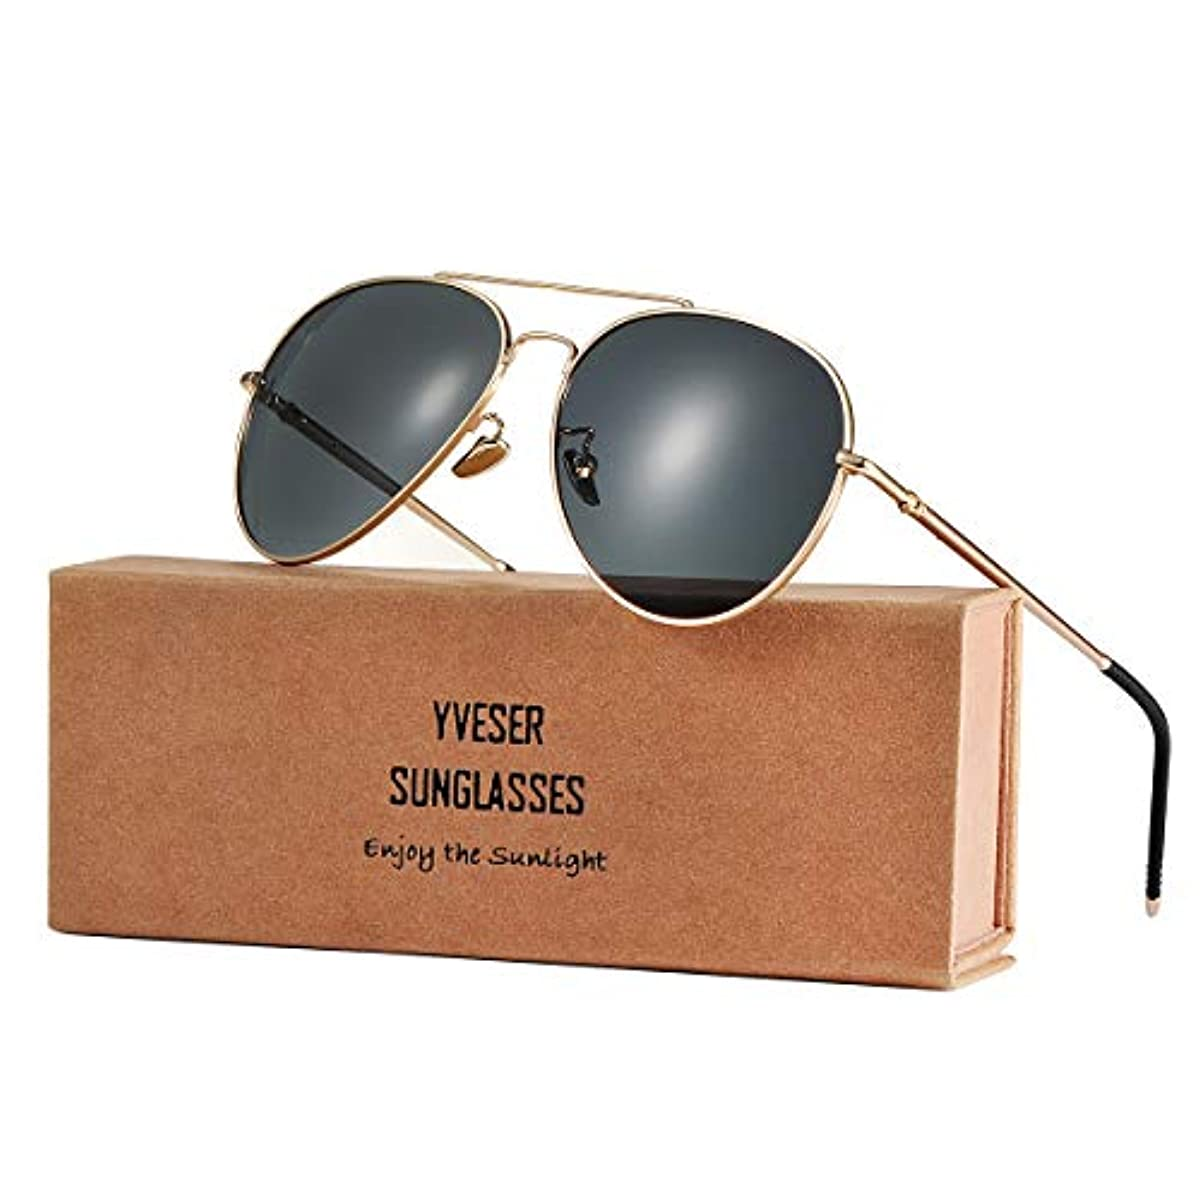 [해외] YVESER 맨즈 & 레이디스UV400 편광 썬글라스 YV1816초경량 마그네슘 알루미늄 합성피혁금 썬글라스; 안경의 팔은 180도에 굽힐 수 있습니다